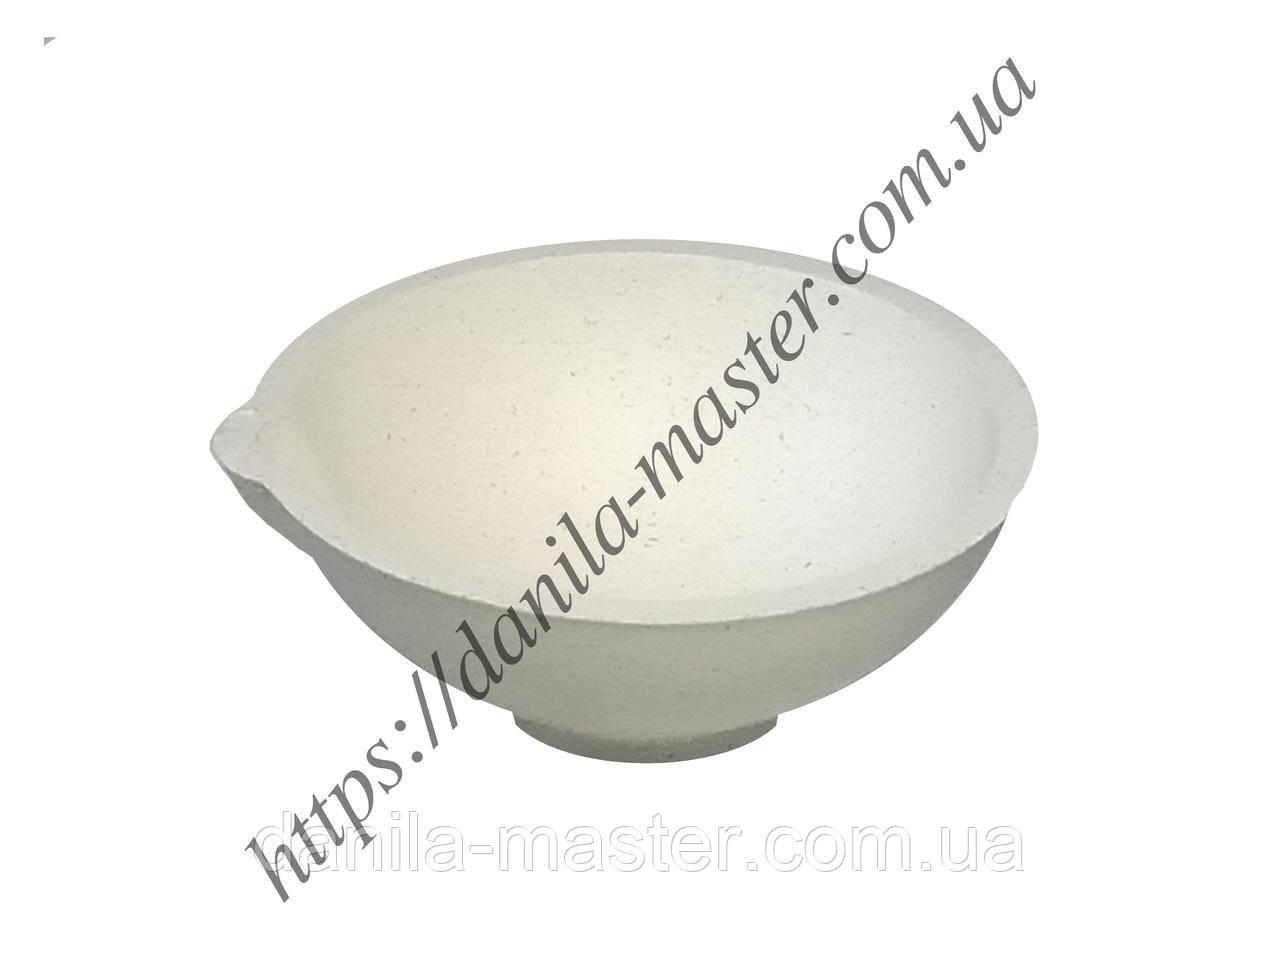 Тигель высокоогнеупорный керамический №3k /Ø 55 мм, h=22 мм/